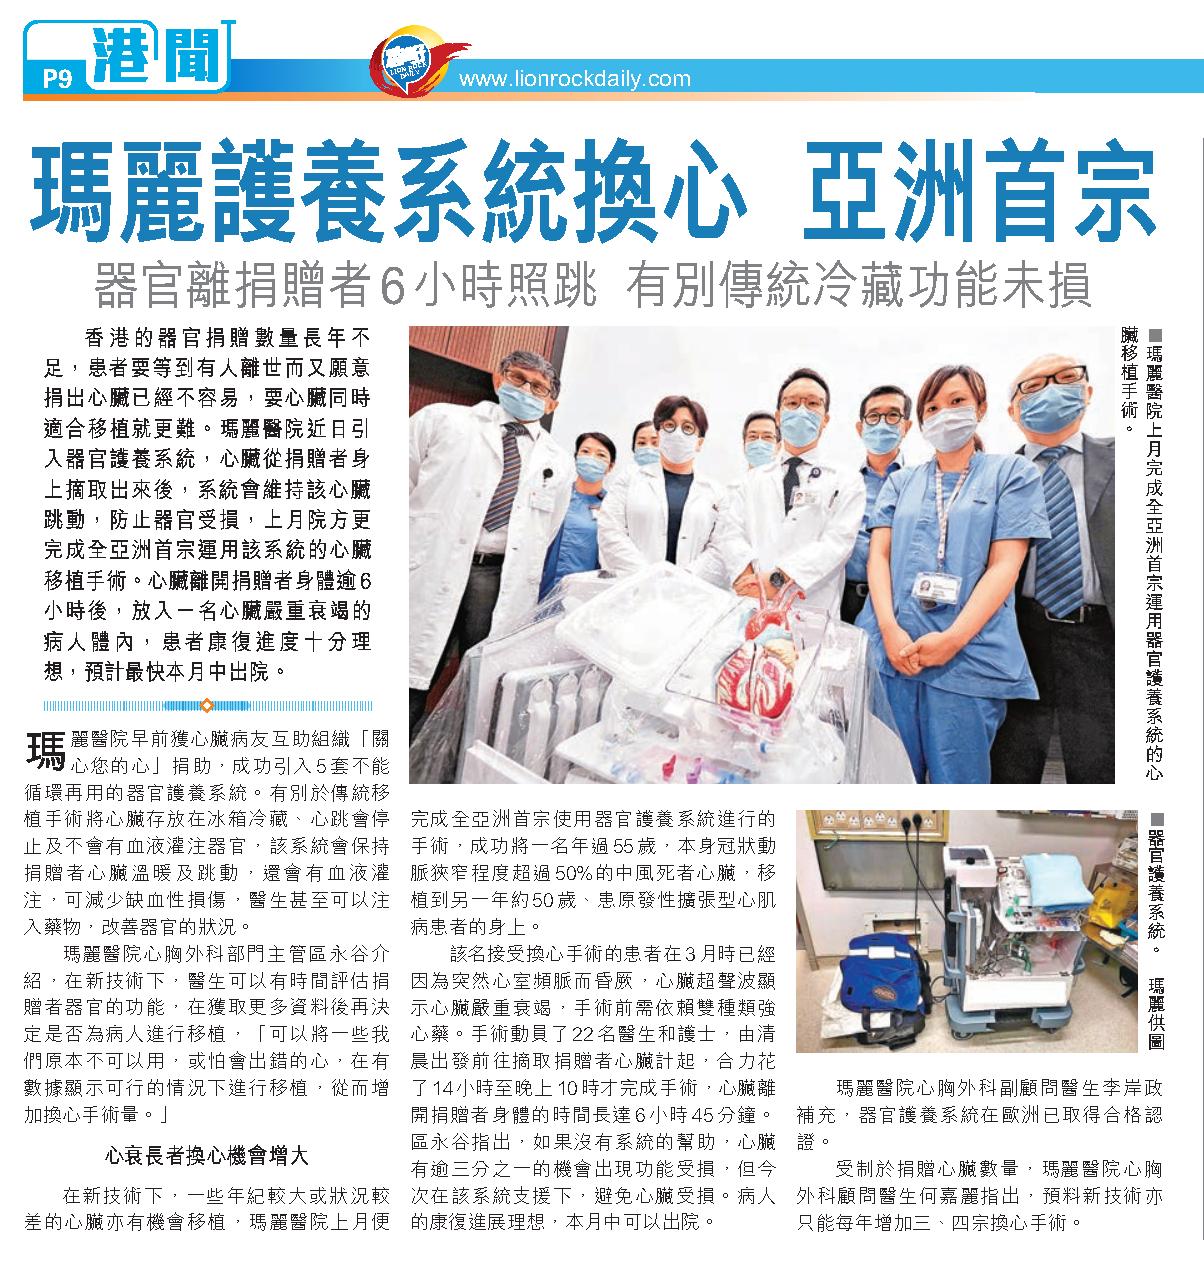 瑪麗護養系統換心 亞洲首宗